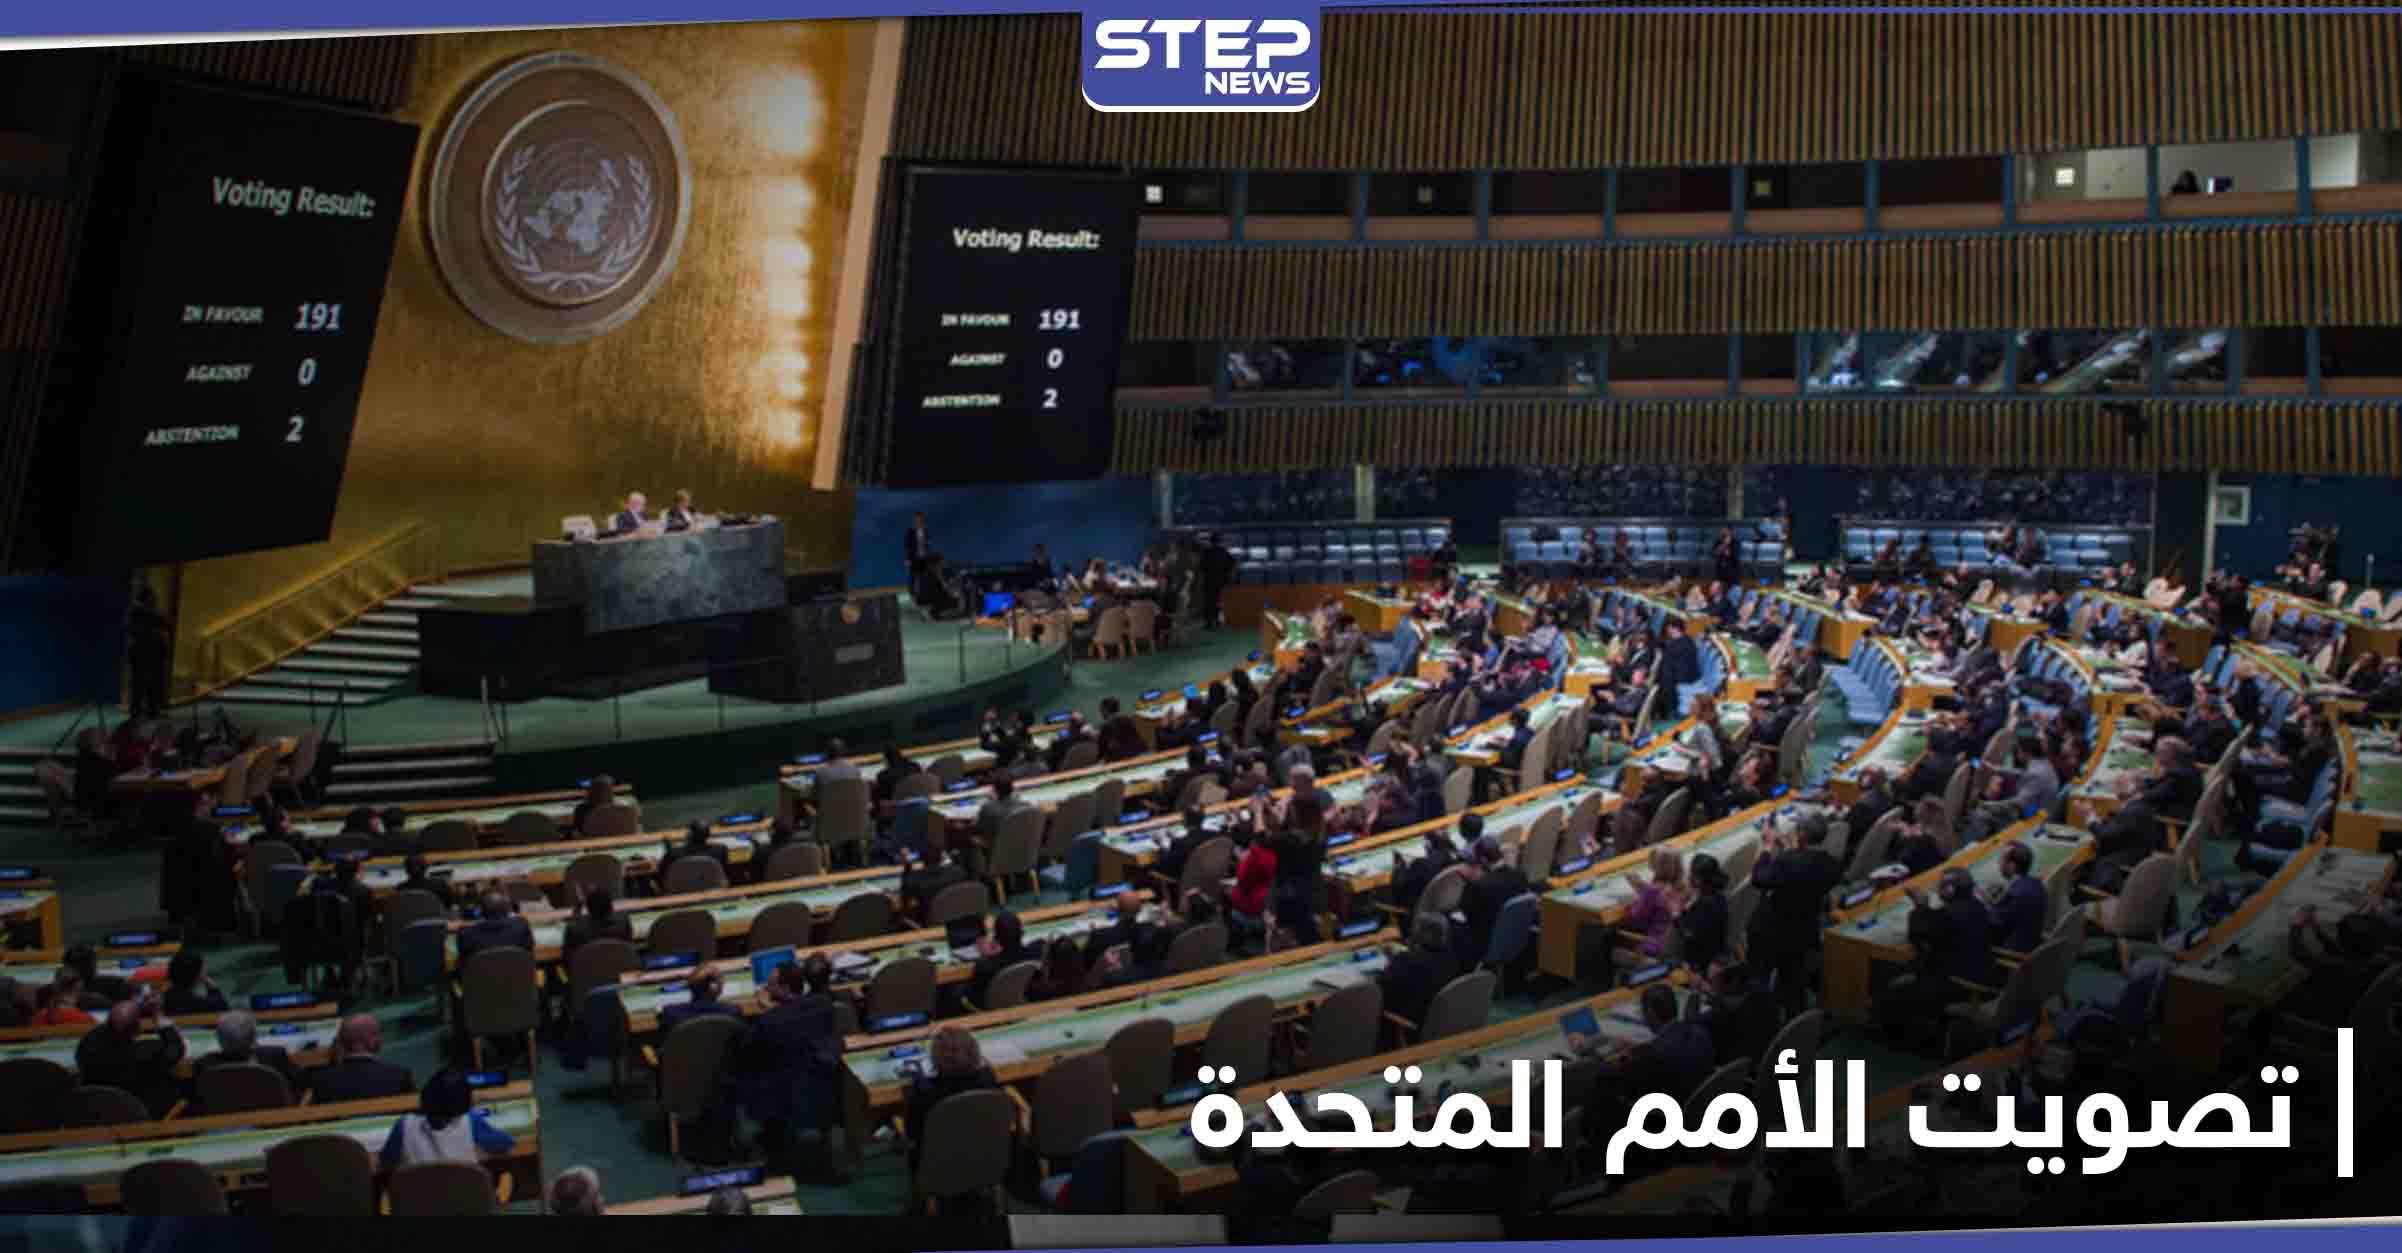 بأغلبية ساحقة... الأمم المتحدة تتبنى 6 قرارات لصالح فلسطين